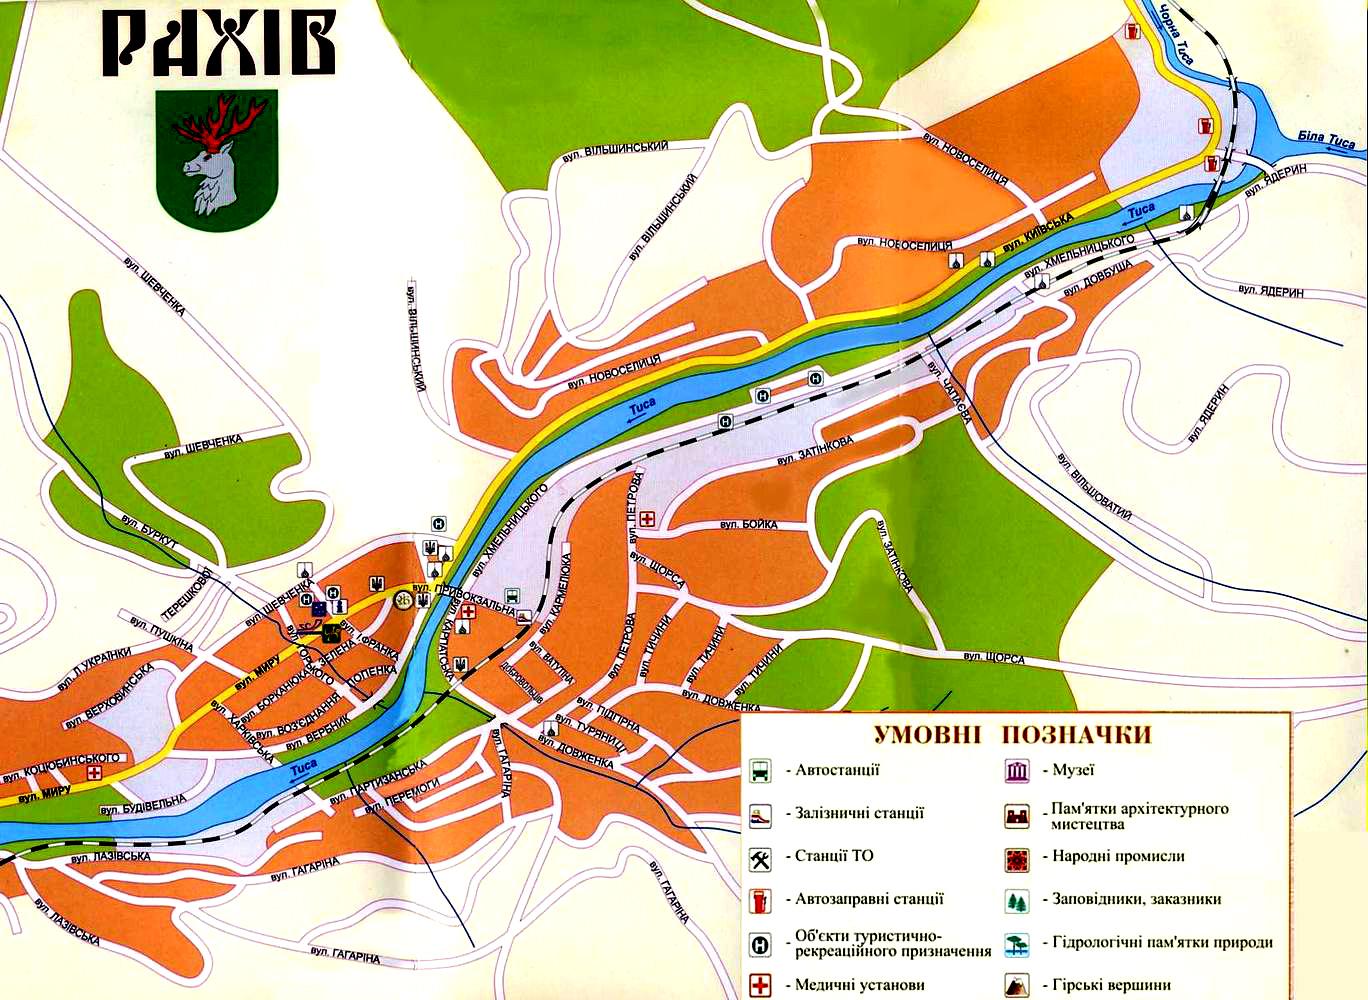 Карта города Рахов